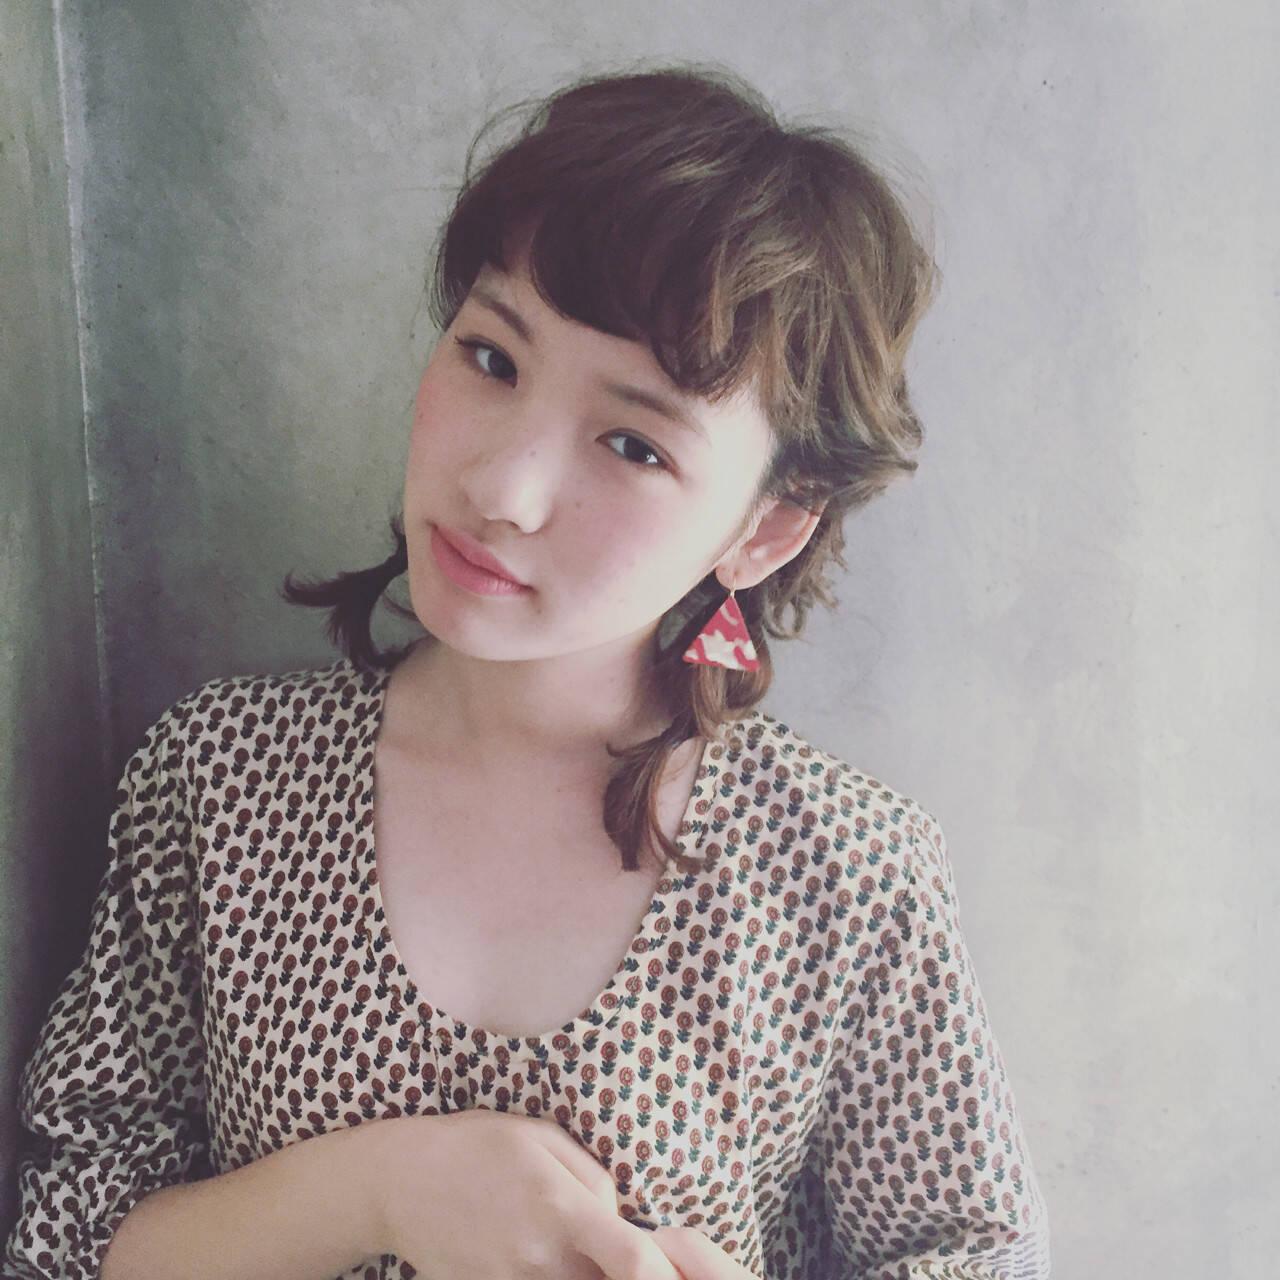 ガーリー ミディアム 簡単ヘアアレンジ ヘアアレンジヘアスタイルや髪型の写真・画像